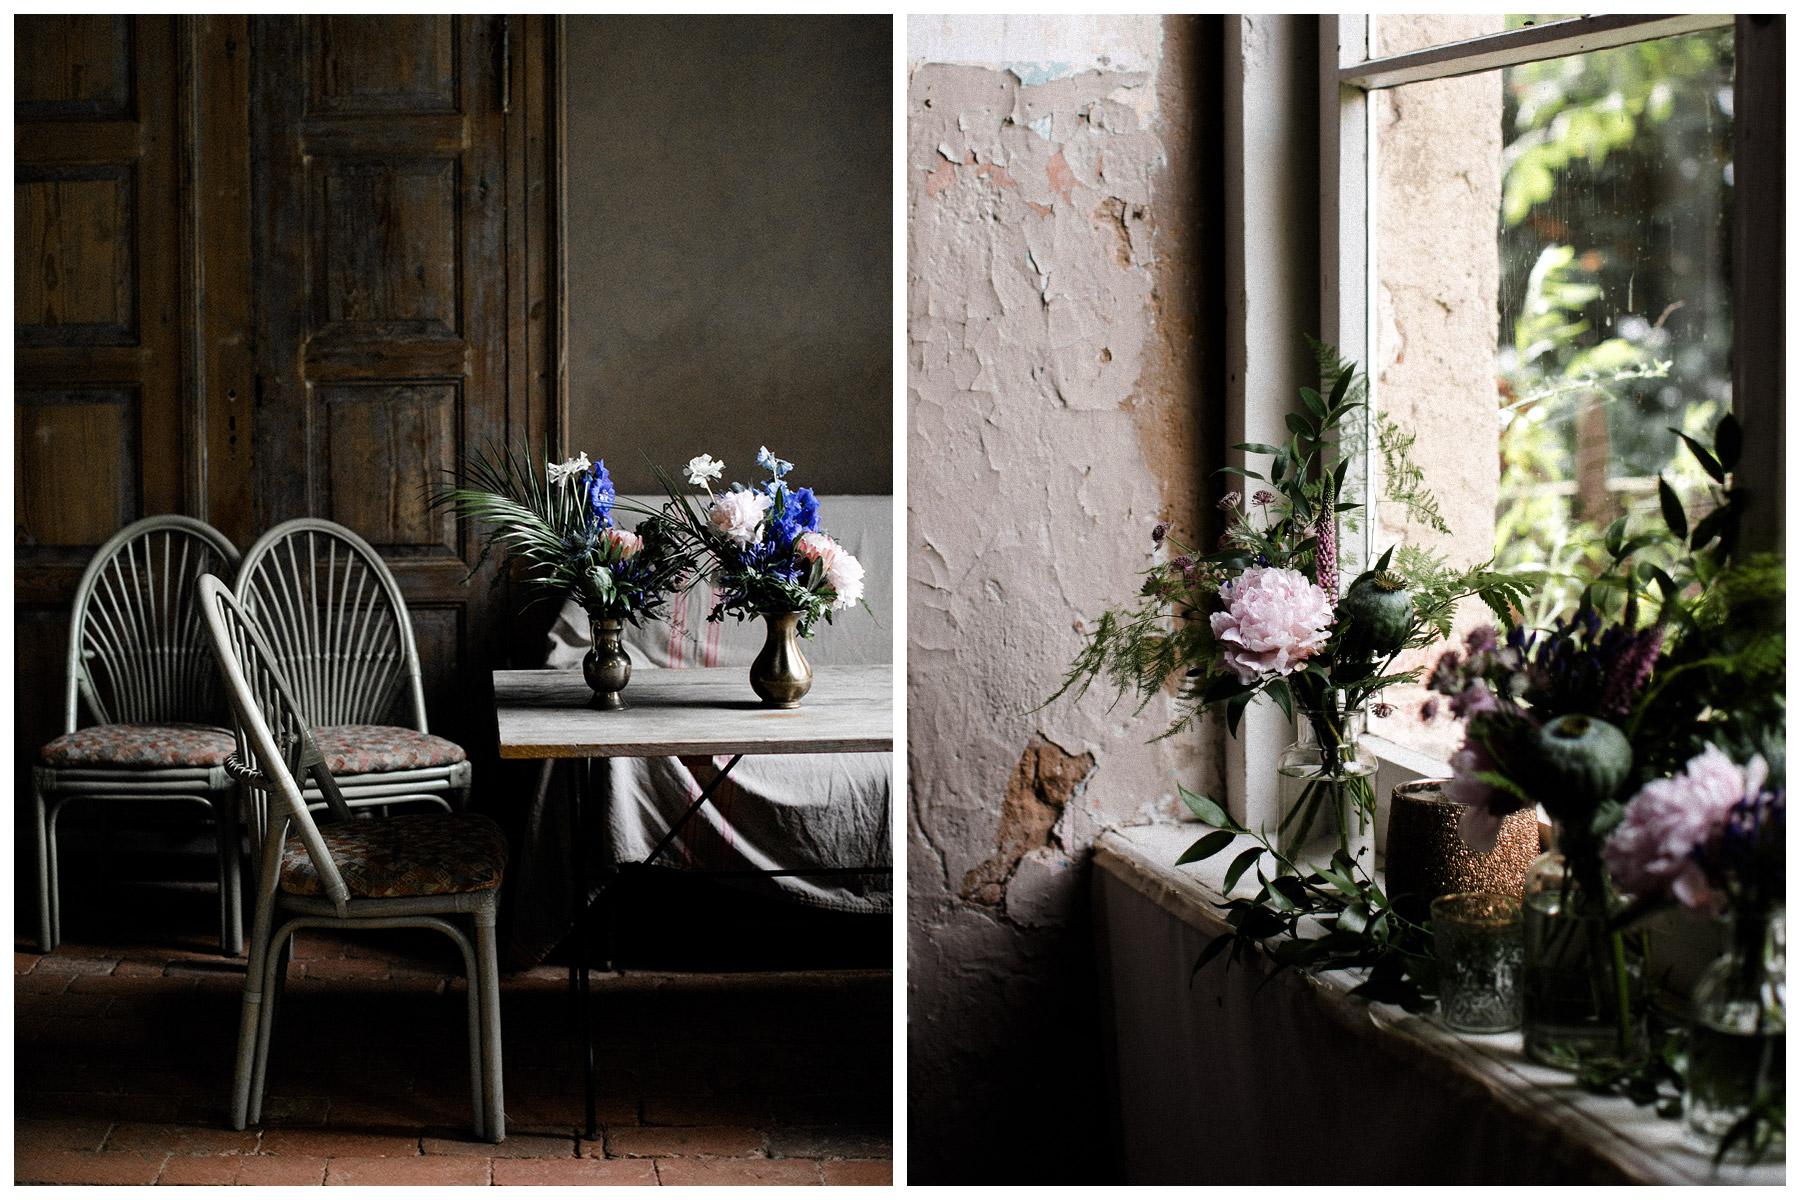 hochzeitsdeko-Blumen-dekoration-84